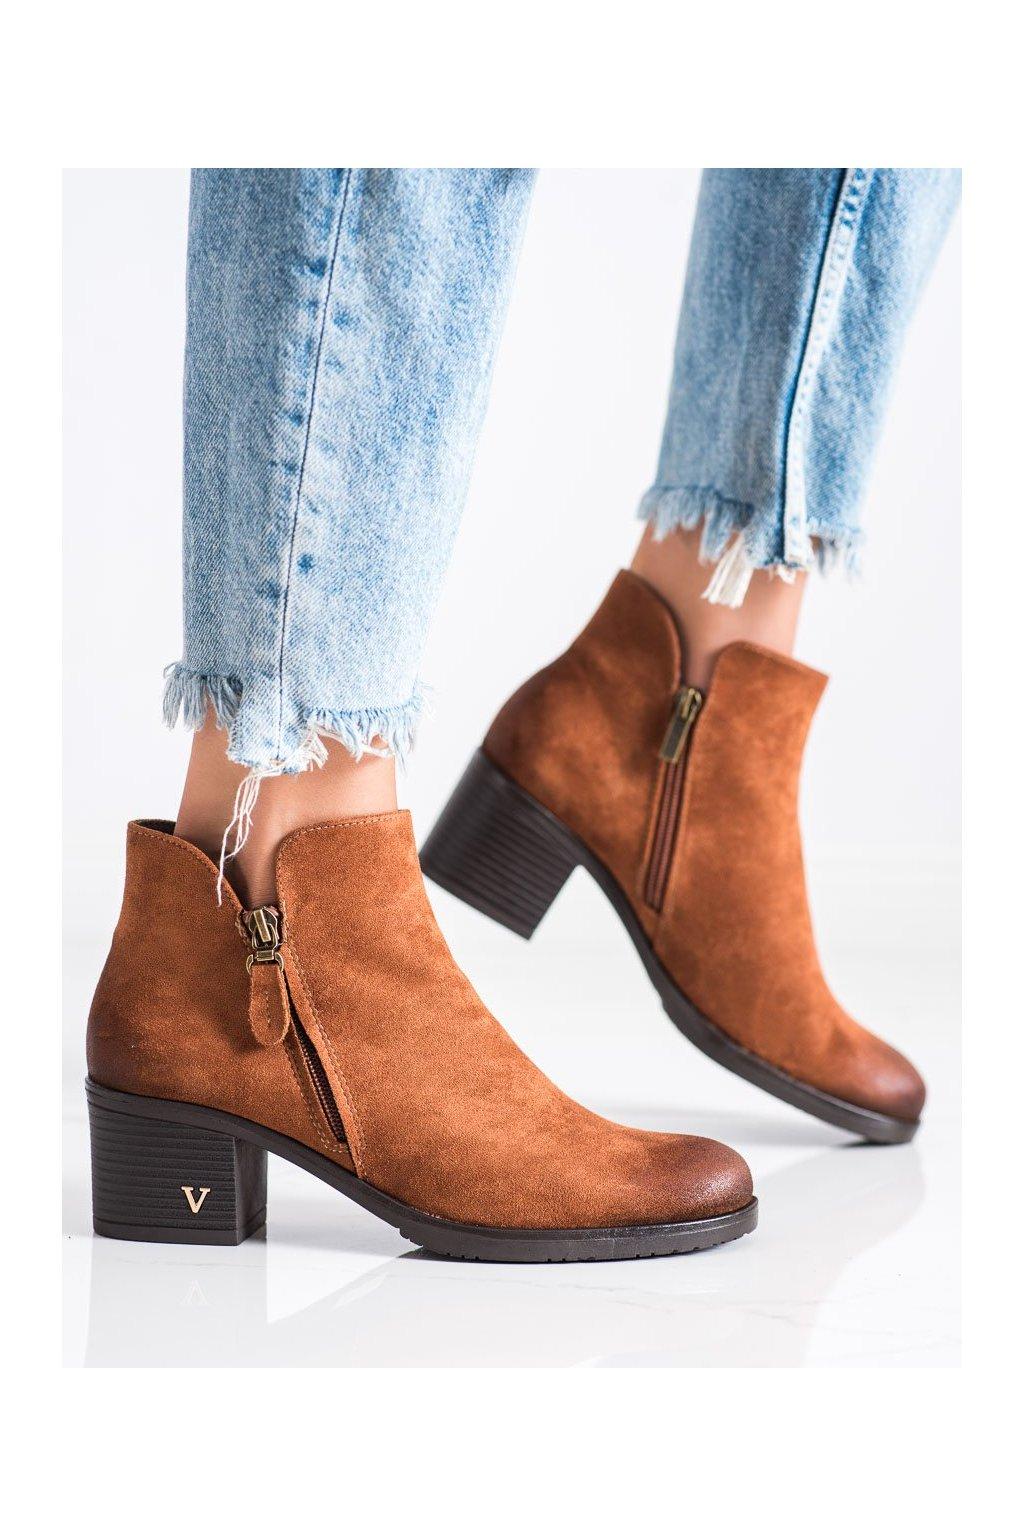 Hnedé dámske topánky Vinceza kod XY22-10631C